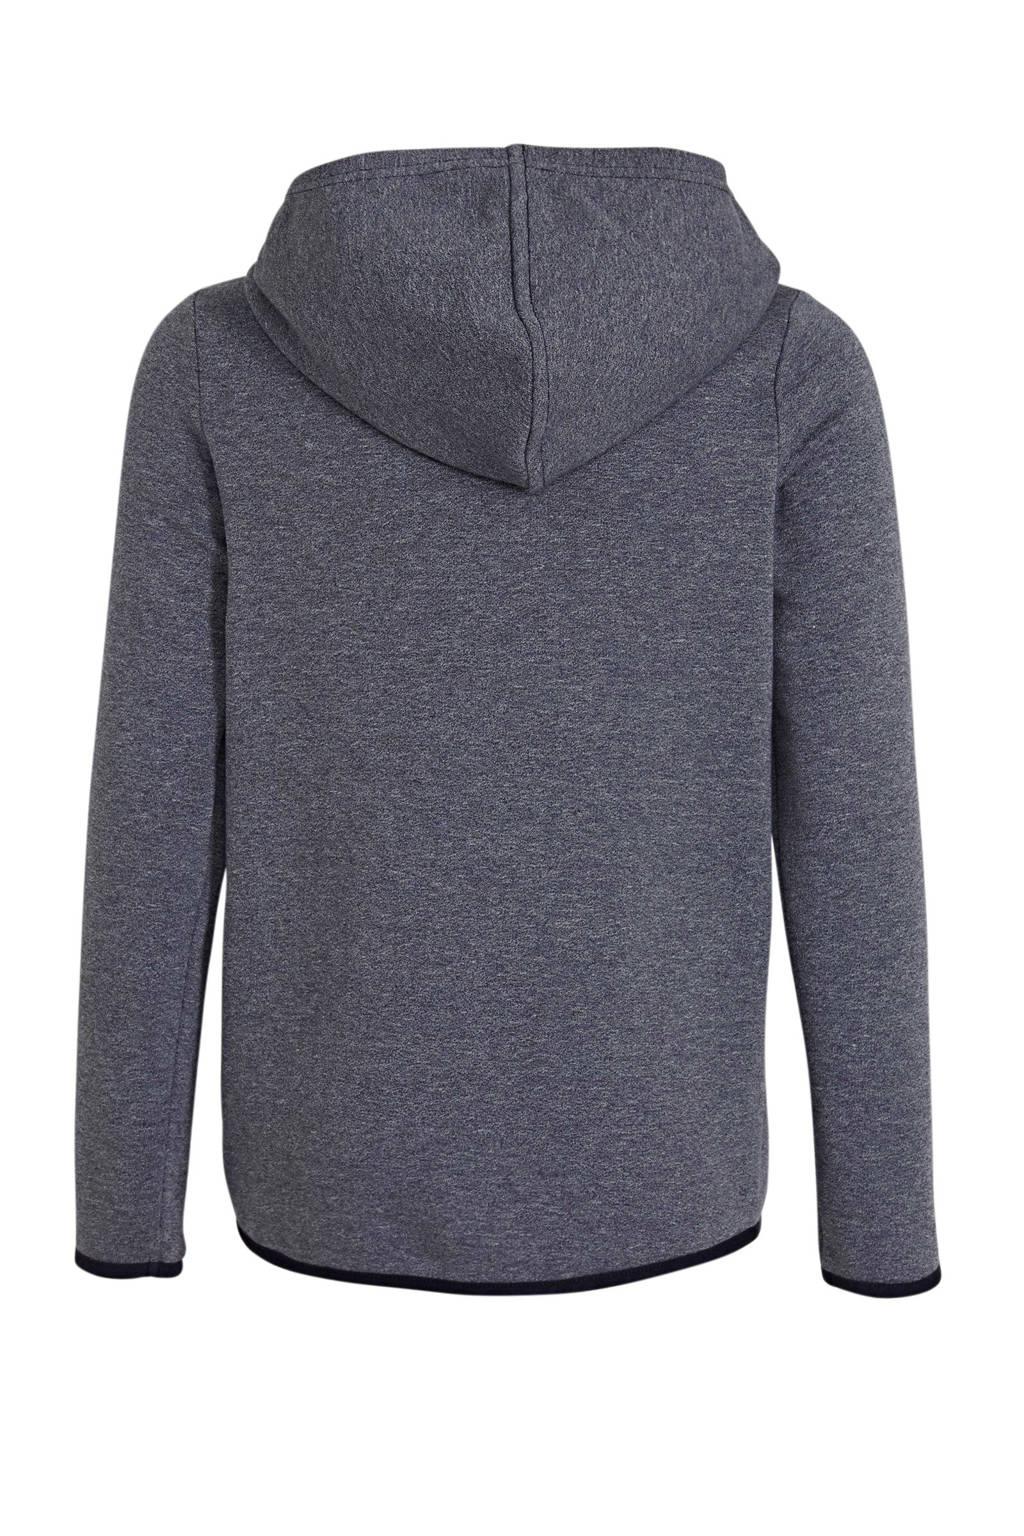 s.Oliver gemêleerde hoodie marine, Marine